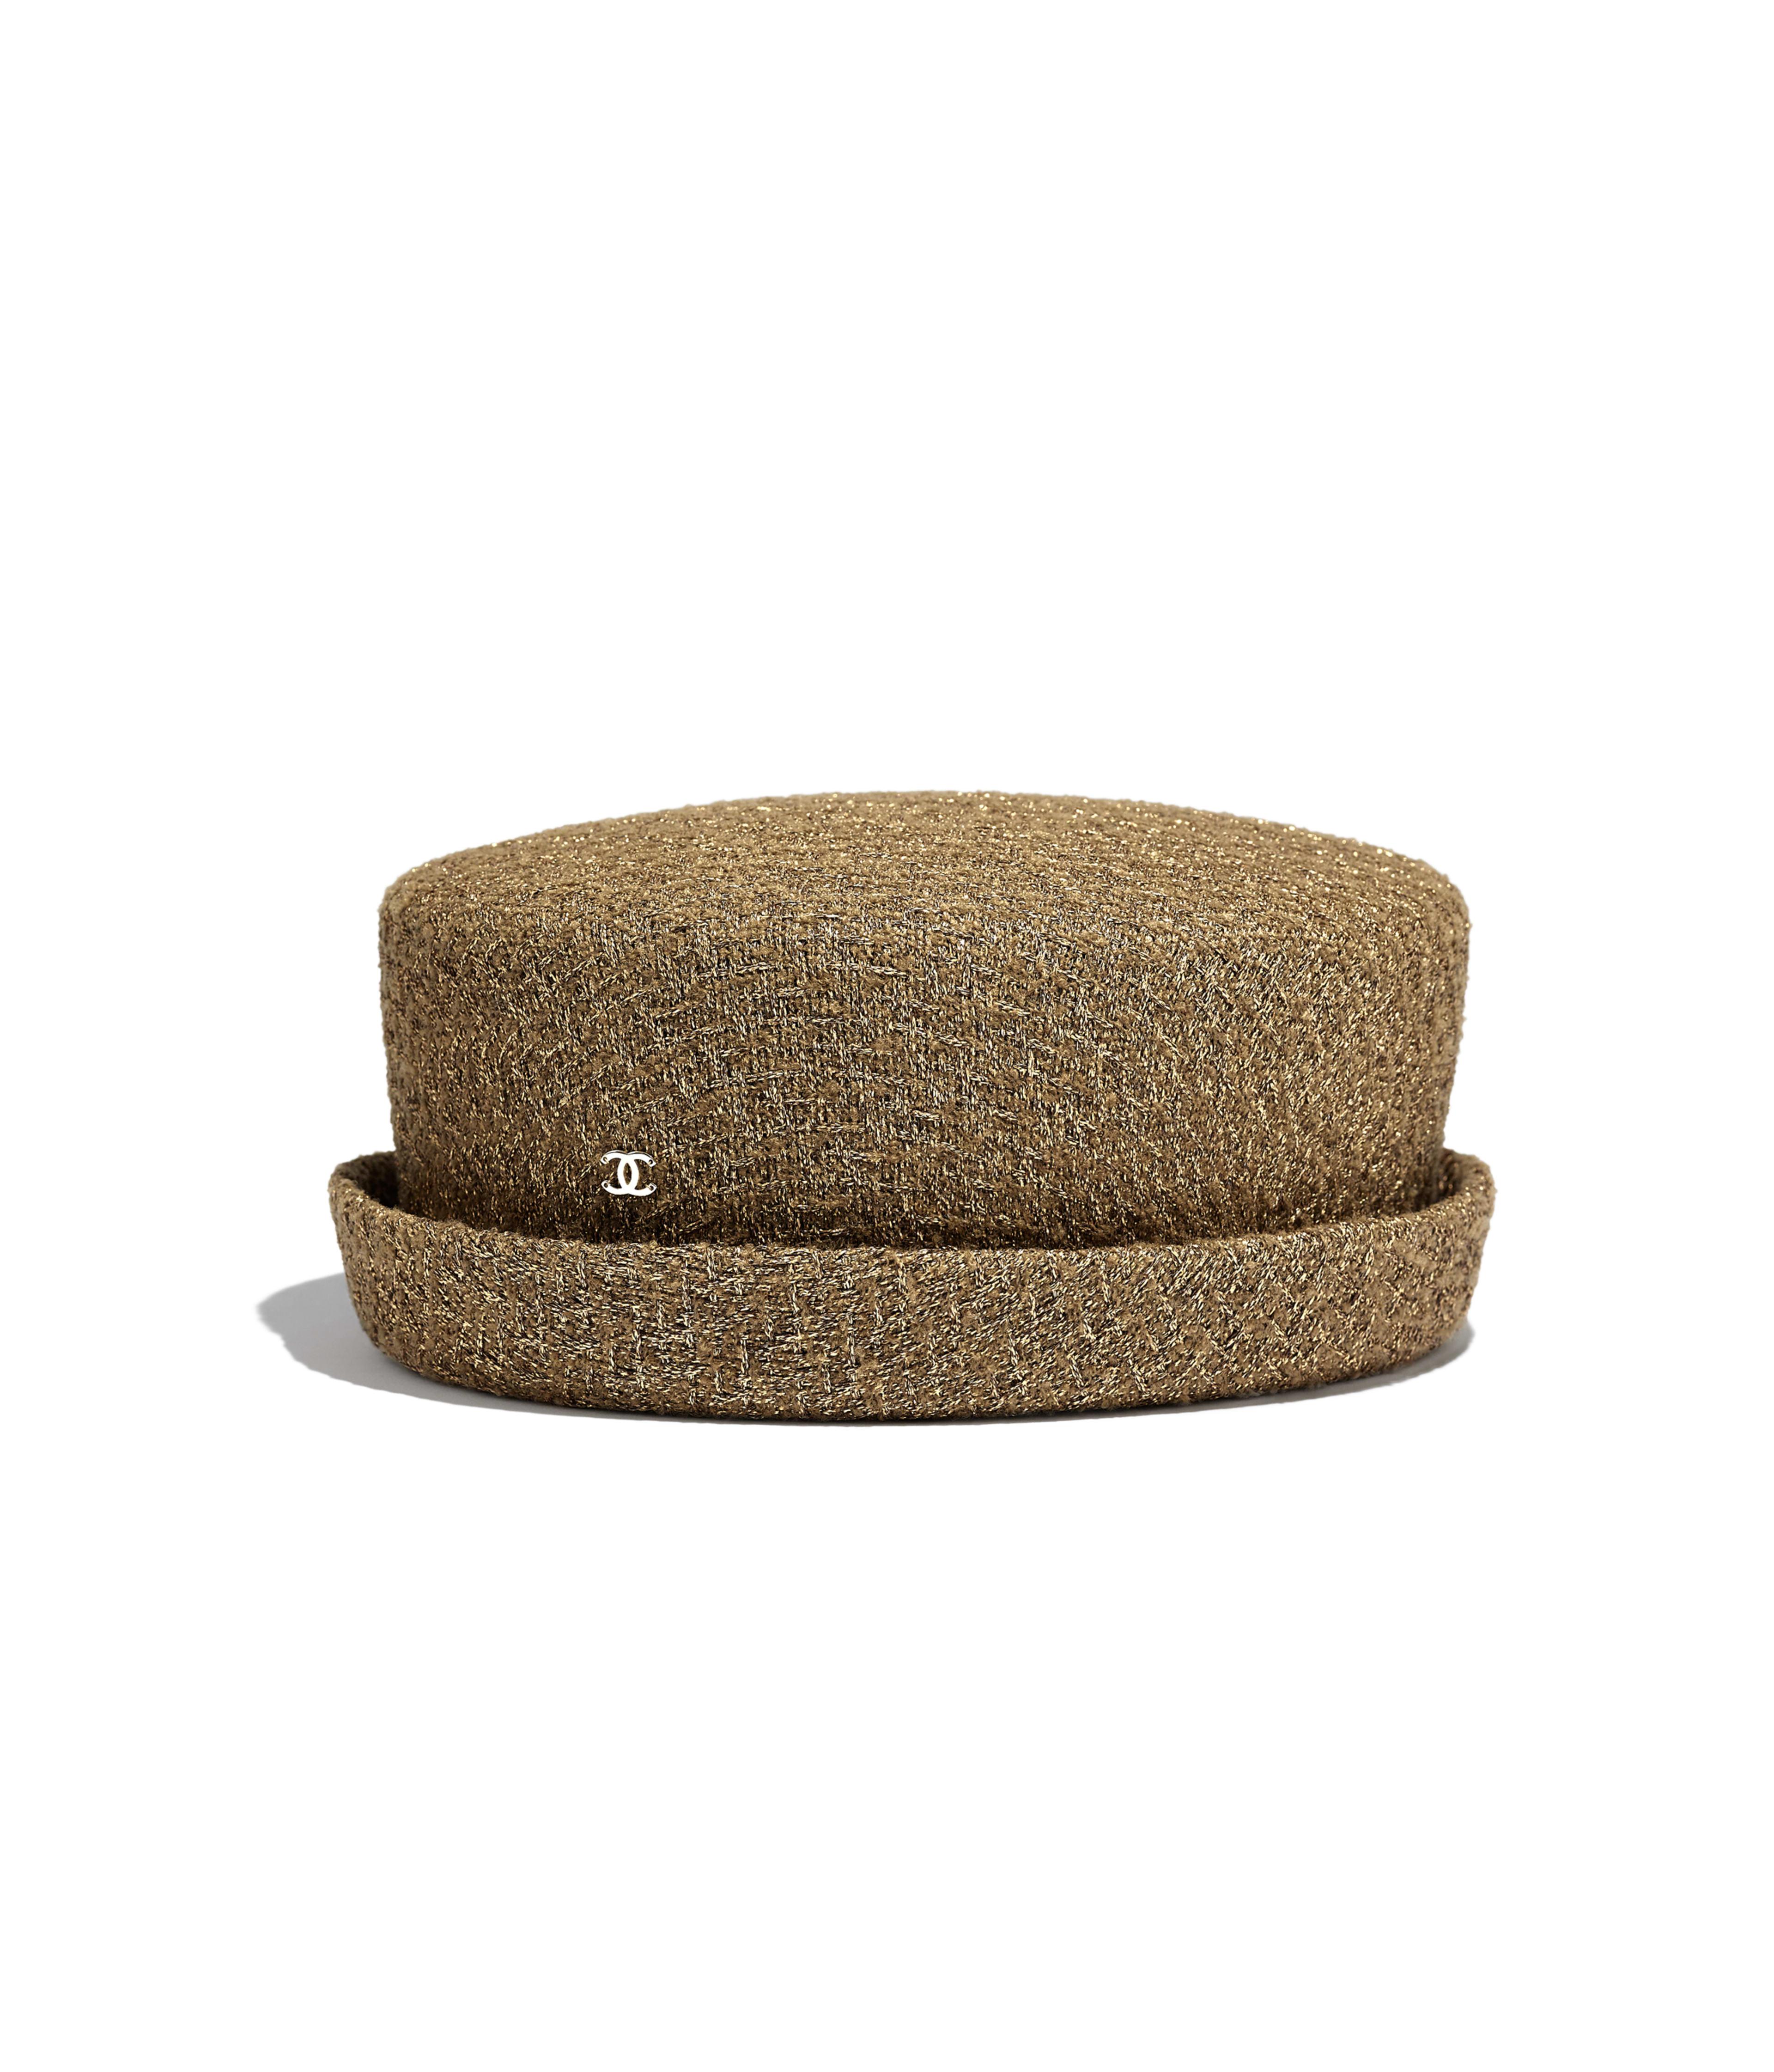 29585e927 Headwear - Headwear | CHANEL